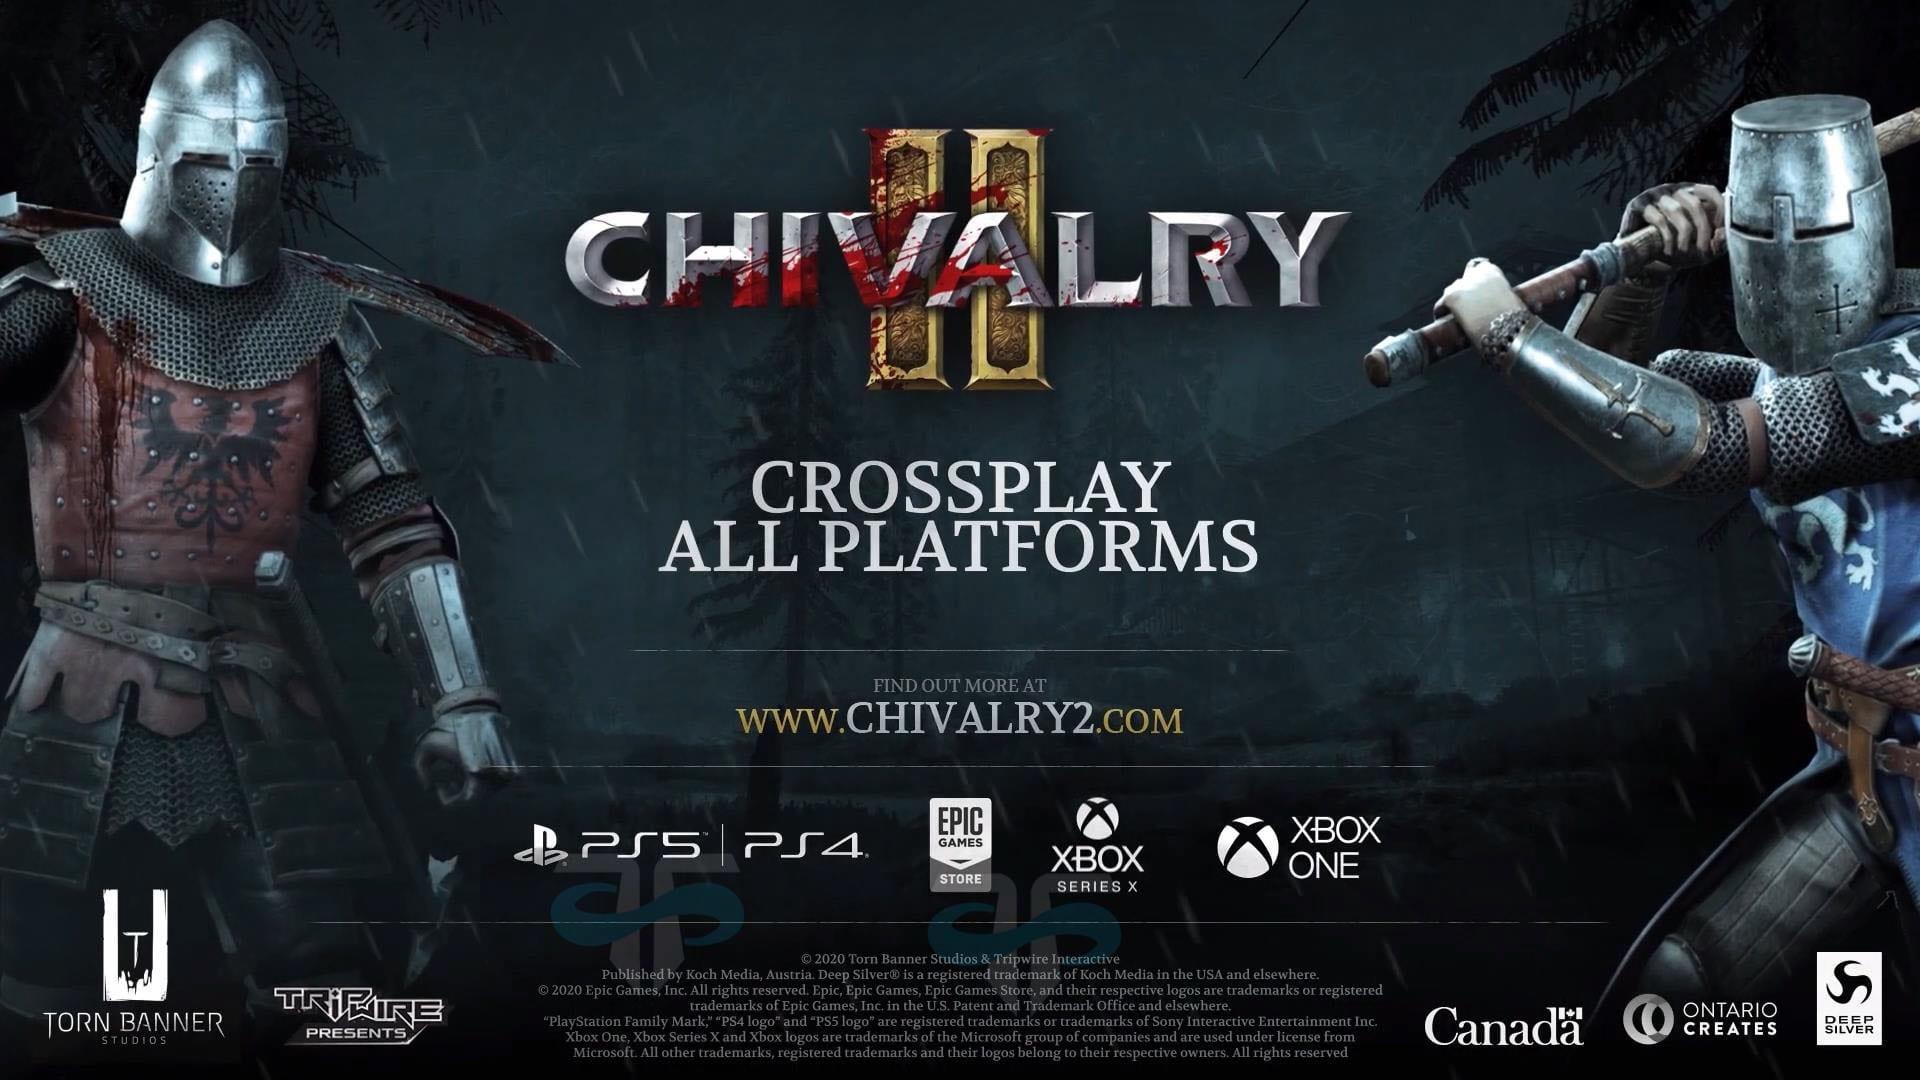 Chivalry 2 will be a cross-generation crossplay slashfest